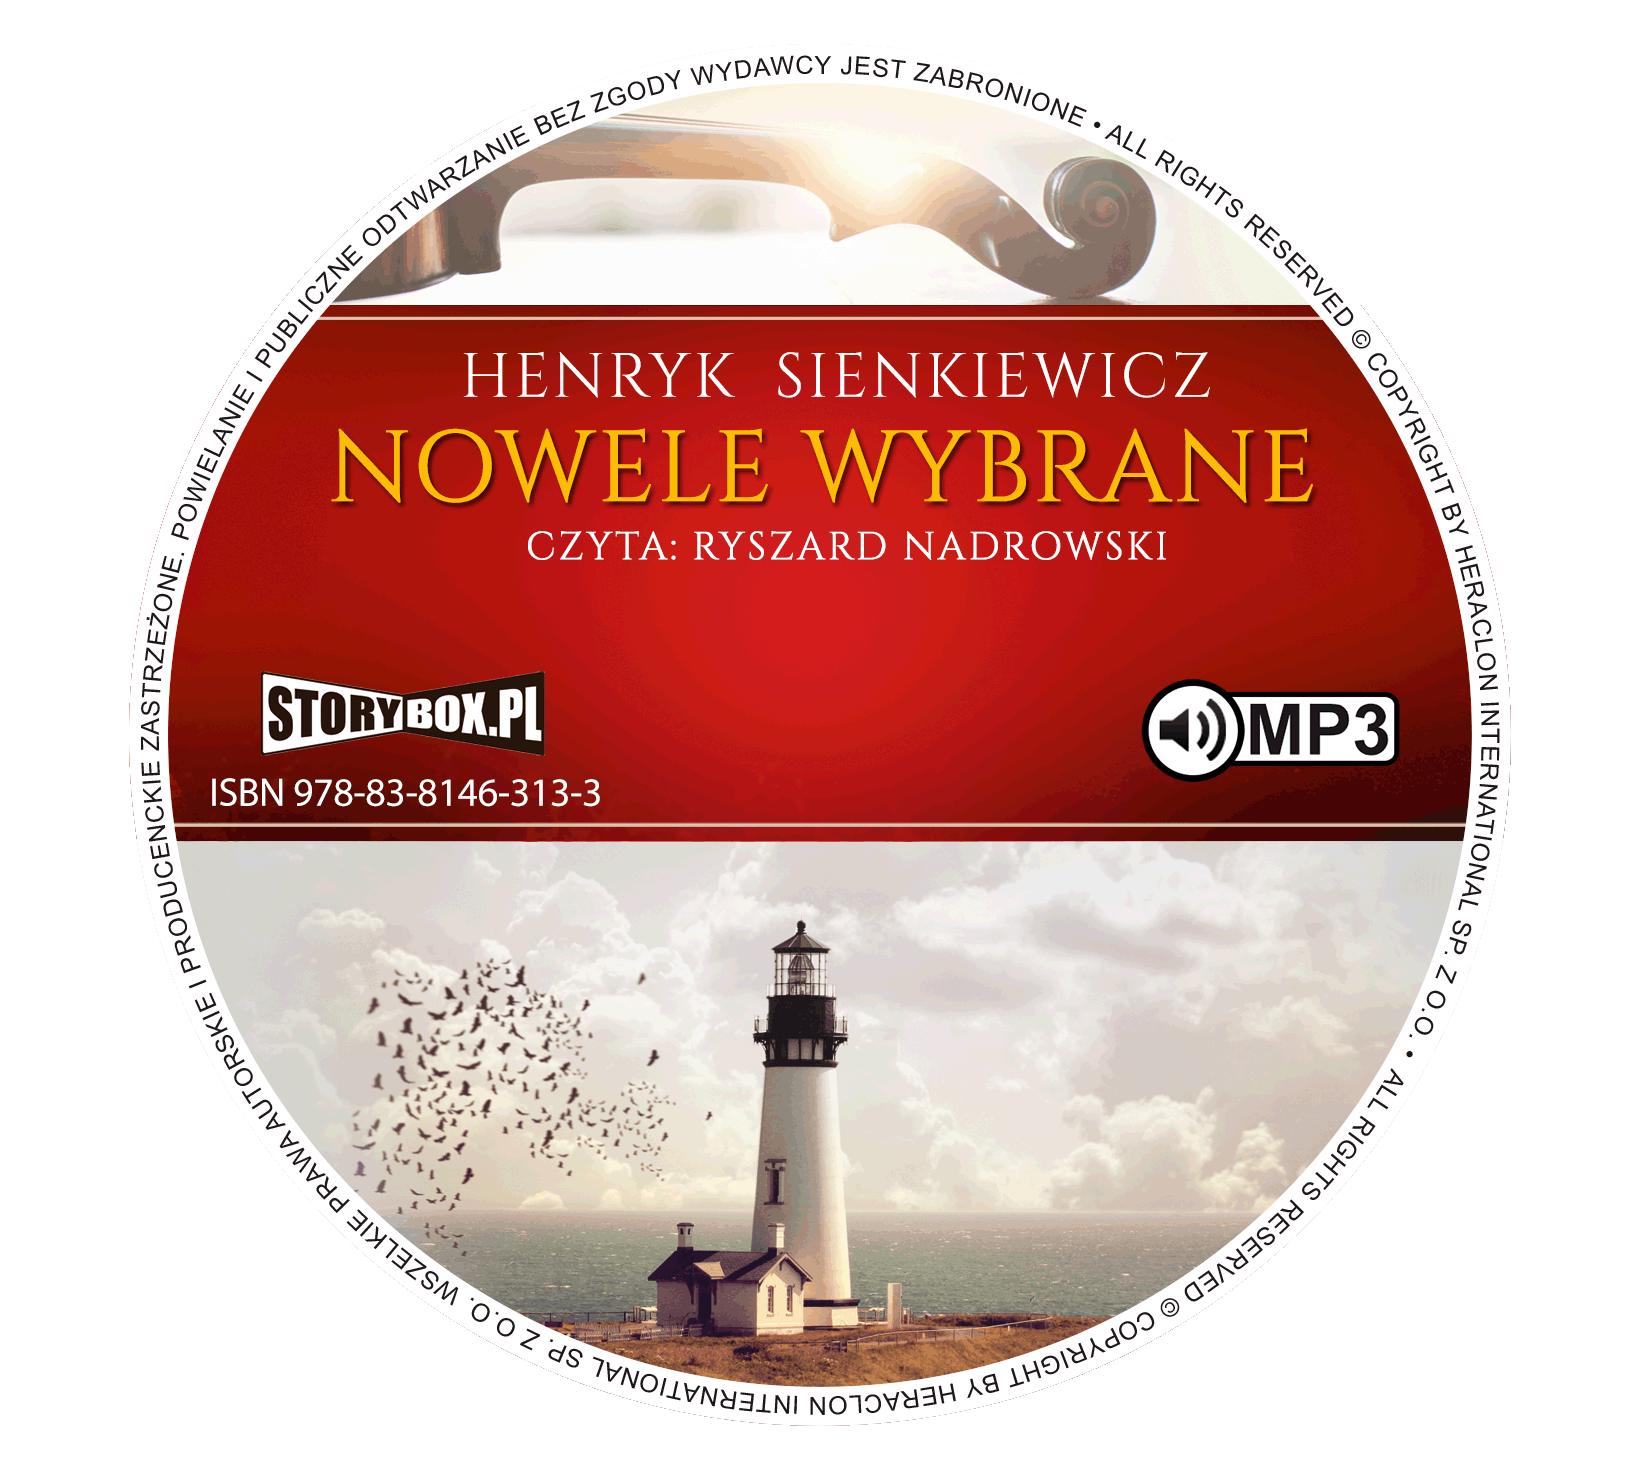 """POCZYTAJ MI NA UCHO: """"Nowele wybrane"""" Henryk Sienkiewicz - recenzja audiobooka"""